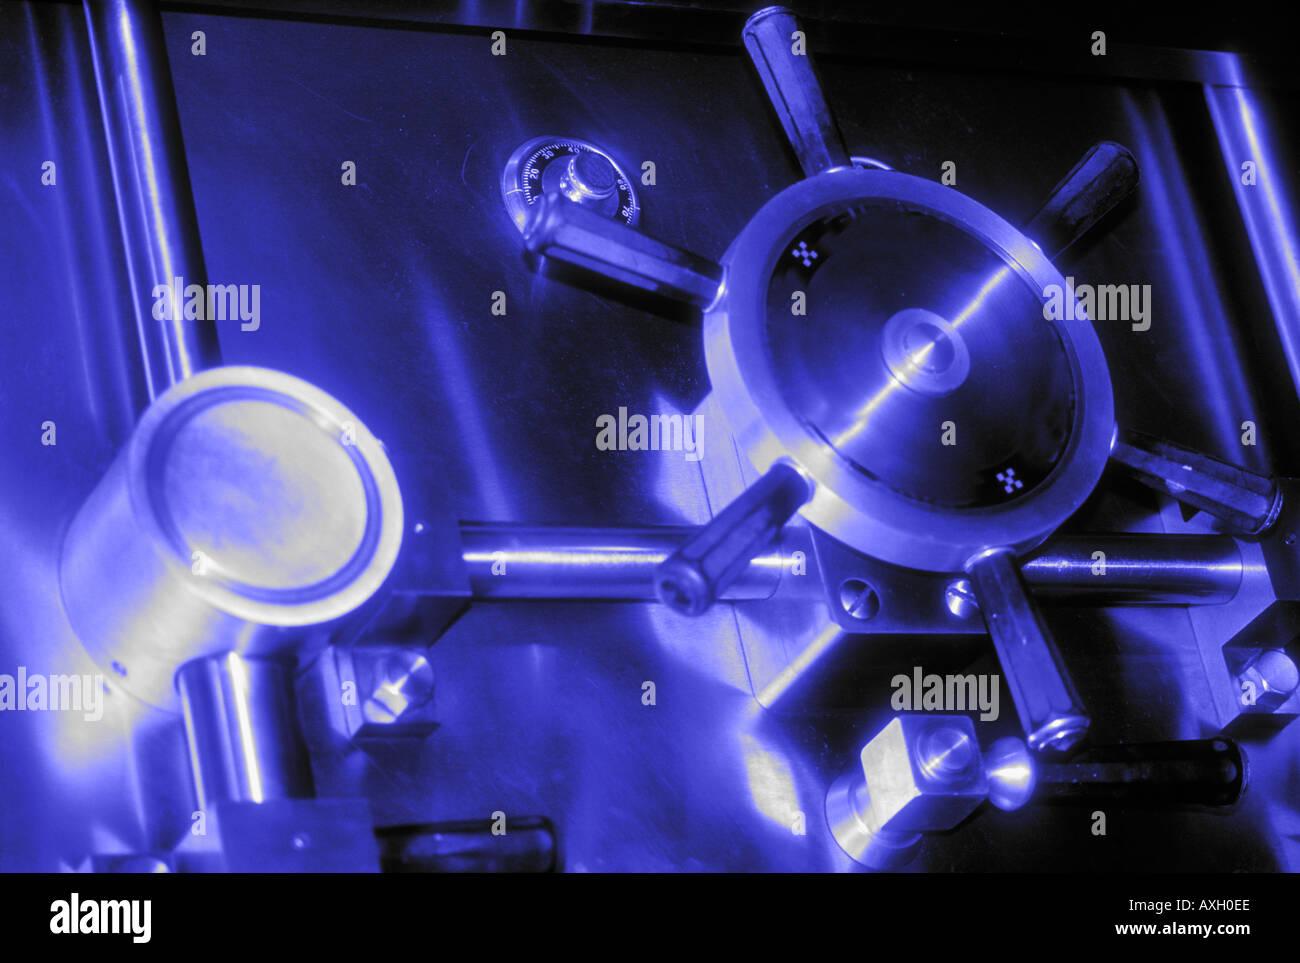 Vault porte dans ton bleu abstrait concept banque Photo Stock